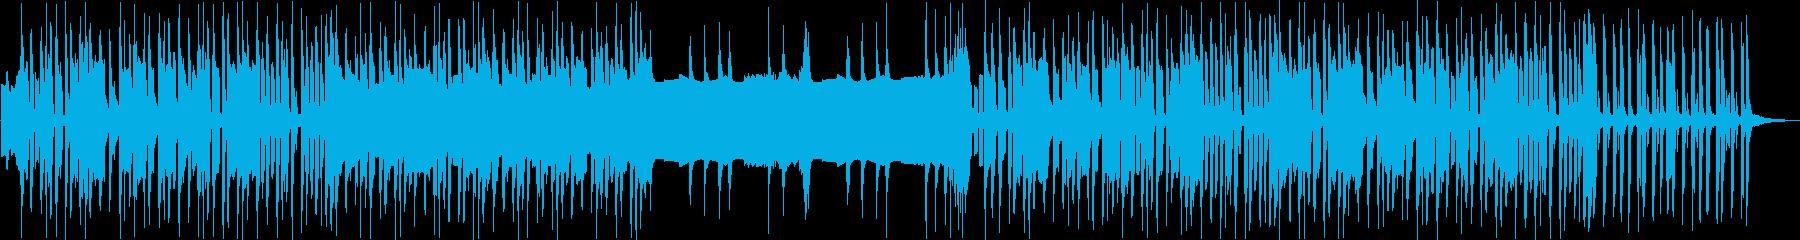 カッコいい8bitチューンの再生済みの波形